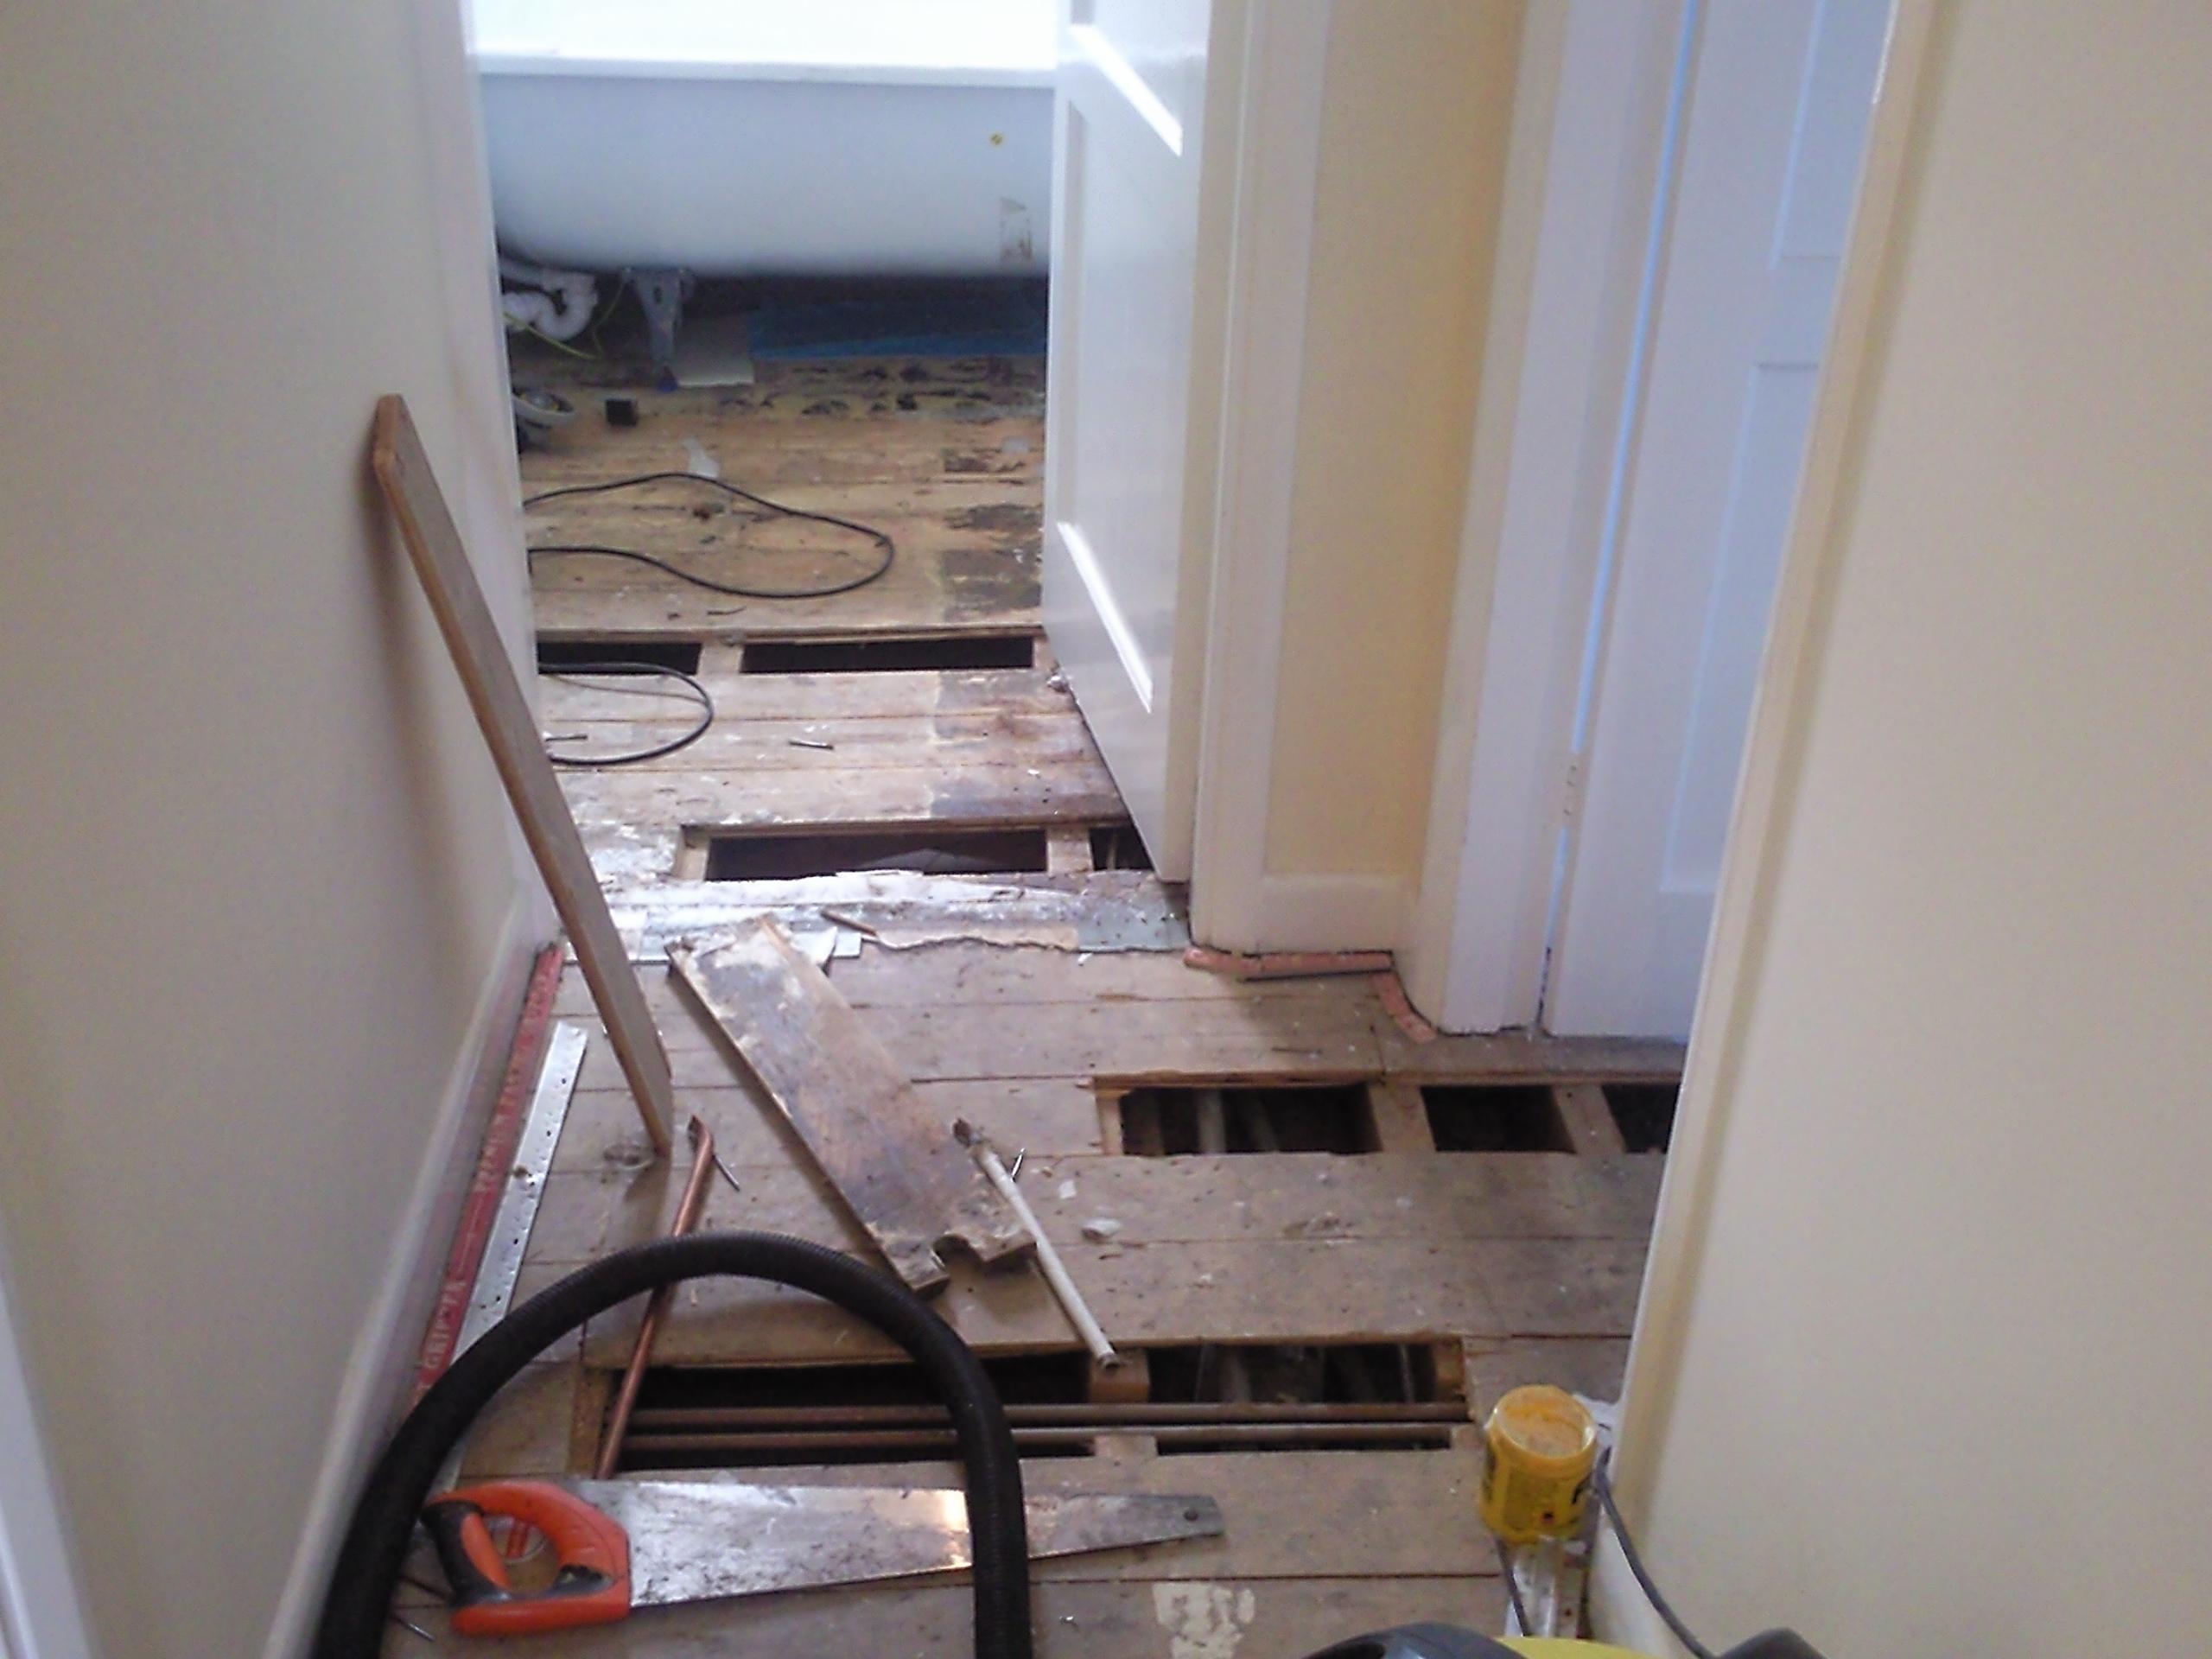 Floorboard holes